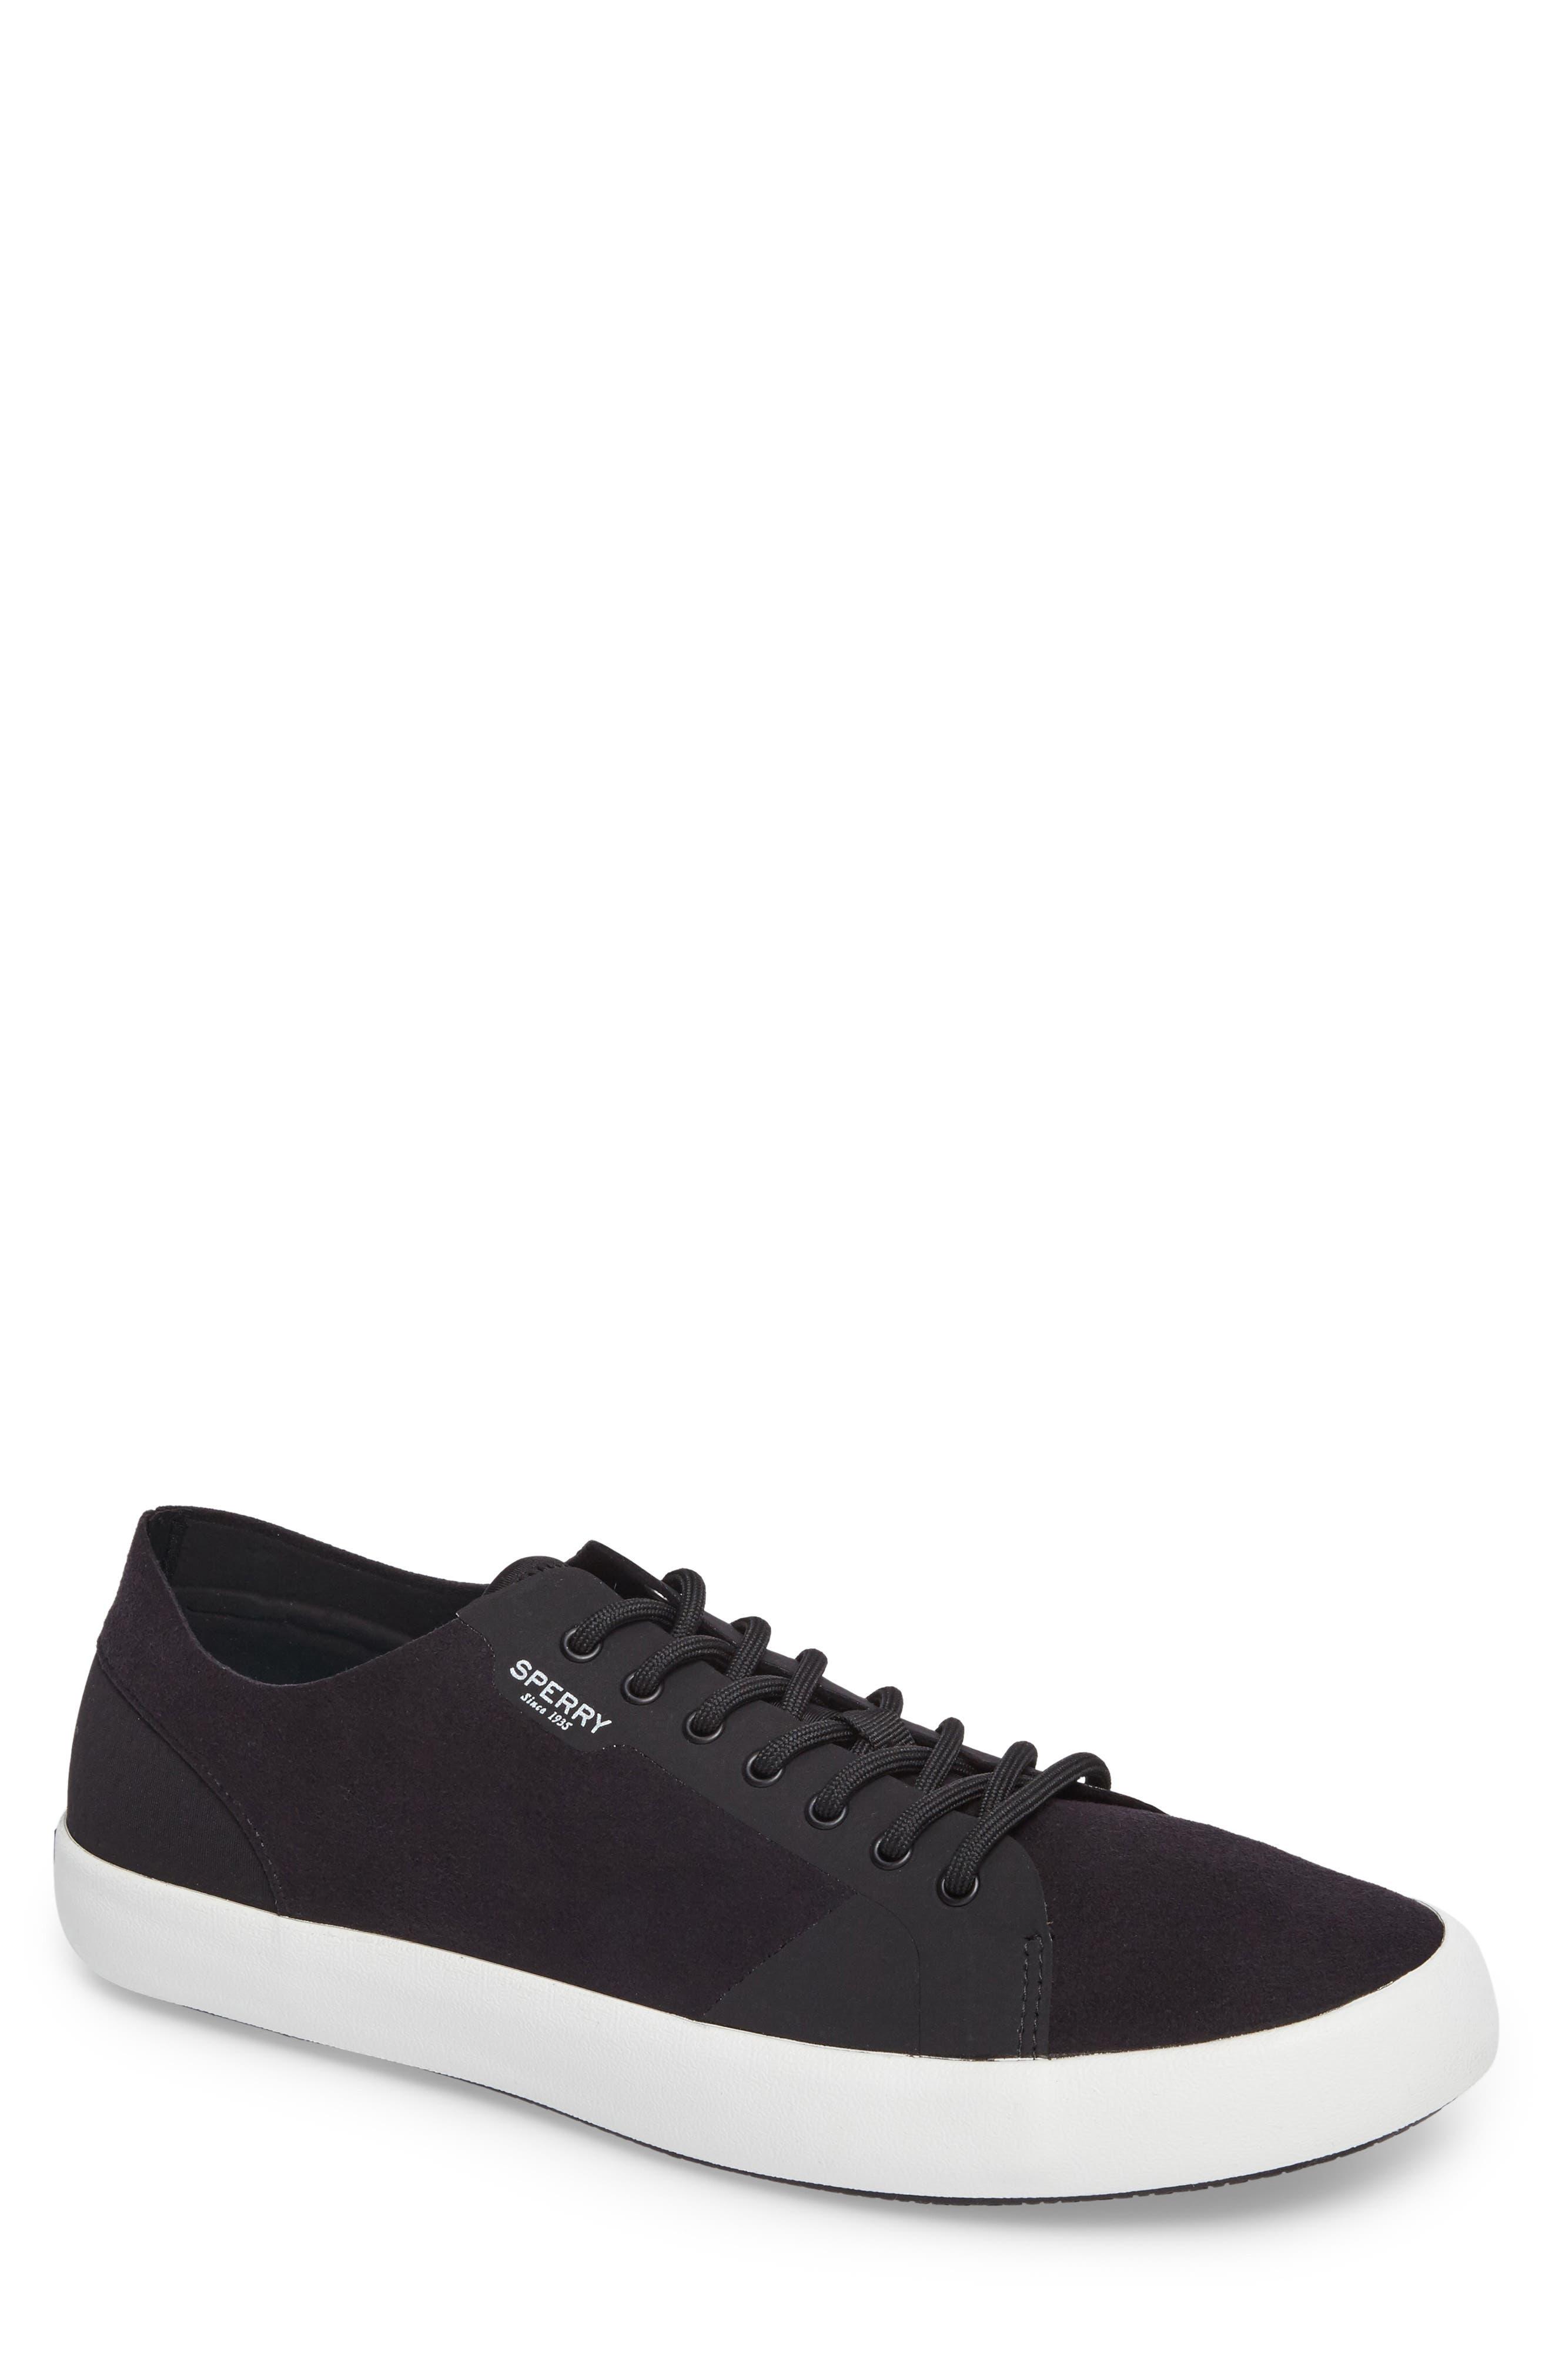 Main Image - Sperry Flex Deck LTT Sneaker (Men)